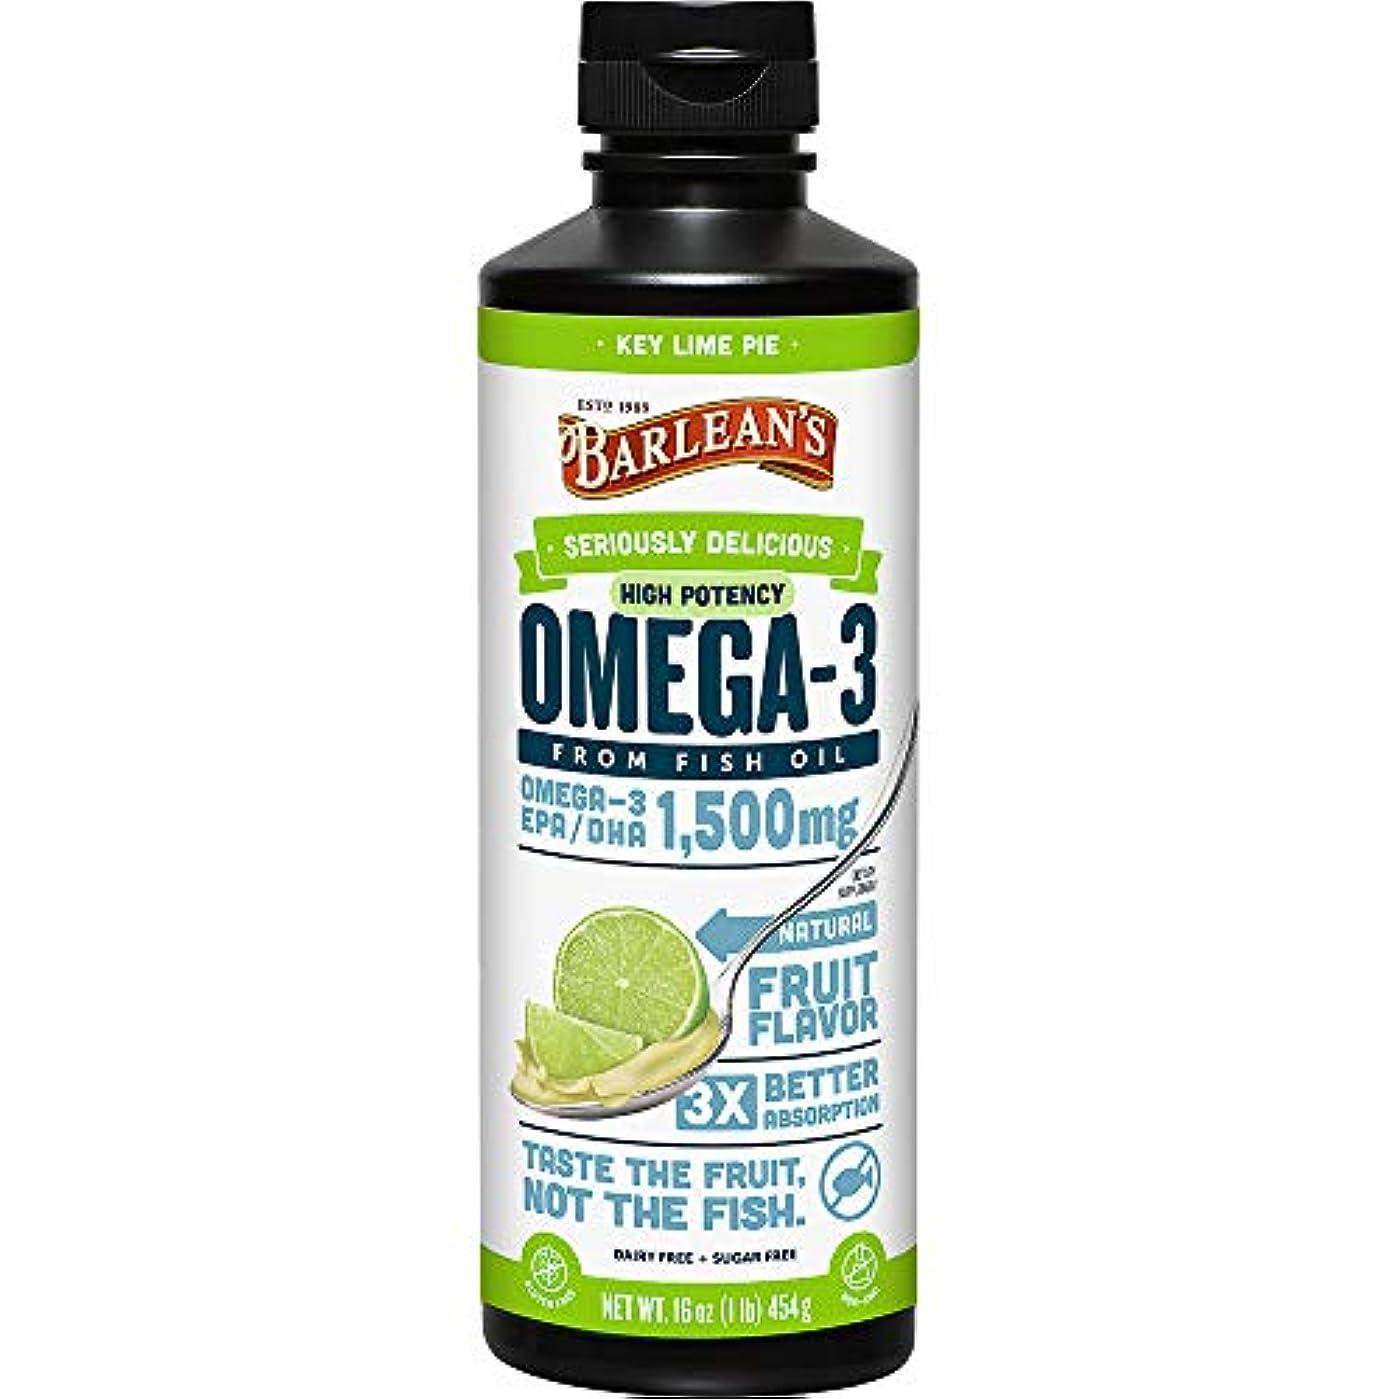 摩擦アコード買い物に行くBarlean's - Omegaの渦巻の魚オイルの超高い潜在的能力Key石灰 1500 mg。16ポンド